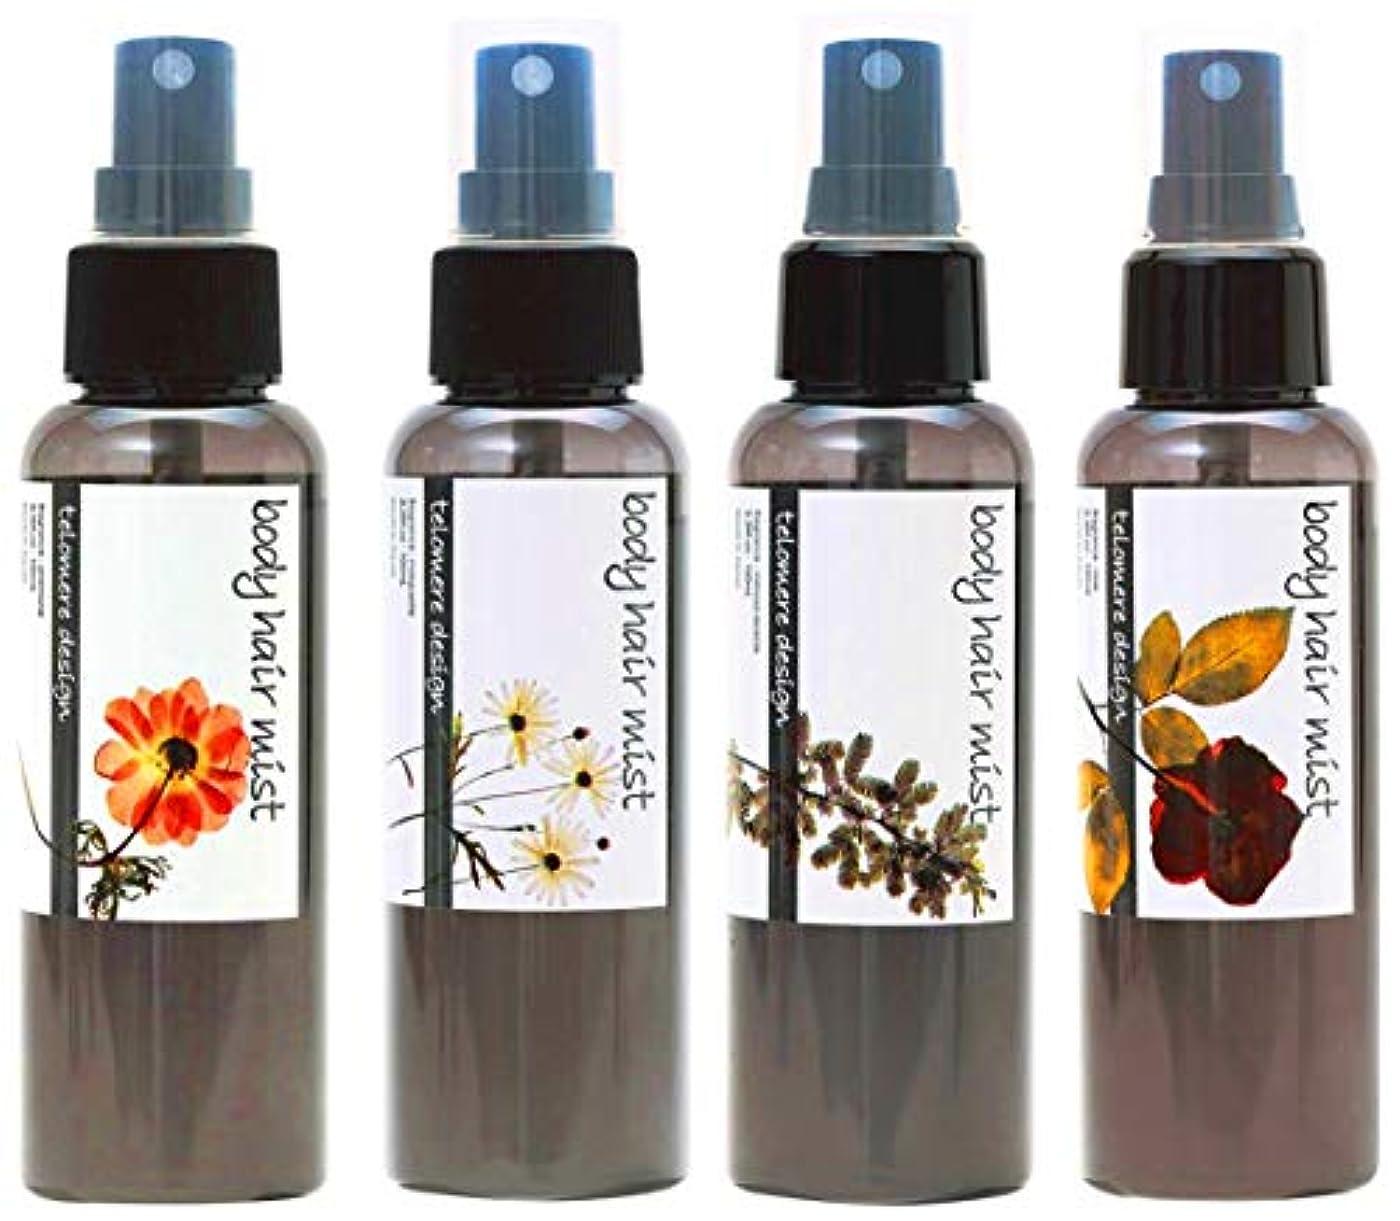 適合協会平和的4種類の香りが楽しめる? テロメア ボディミスト 100ml (4本セット)